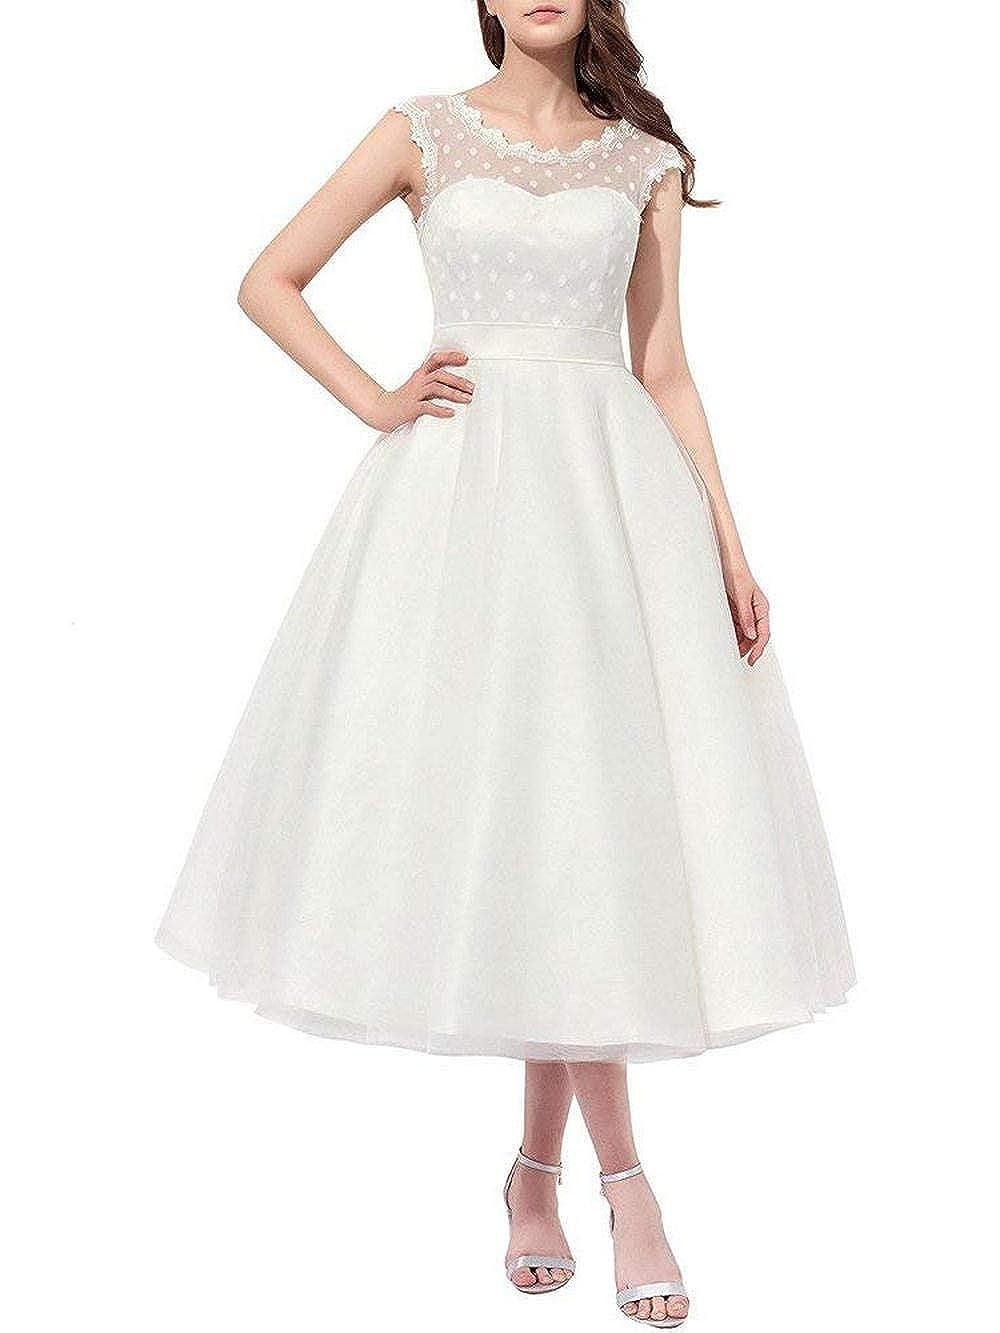 JAEDEN Robes de Mariage Femme Robe de mari/ée Robe Nuptiale Court Tulle Dentelle A Line